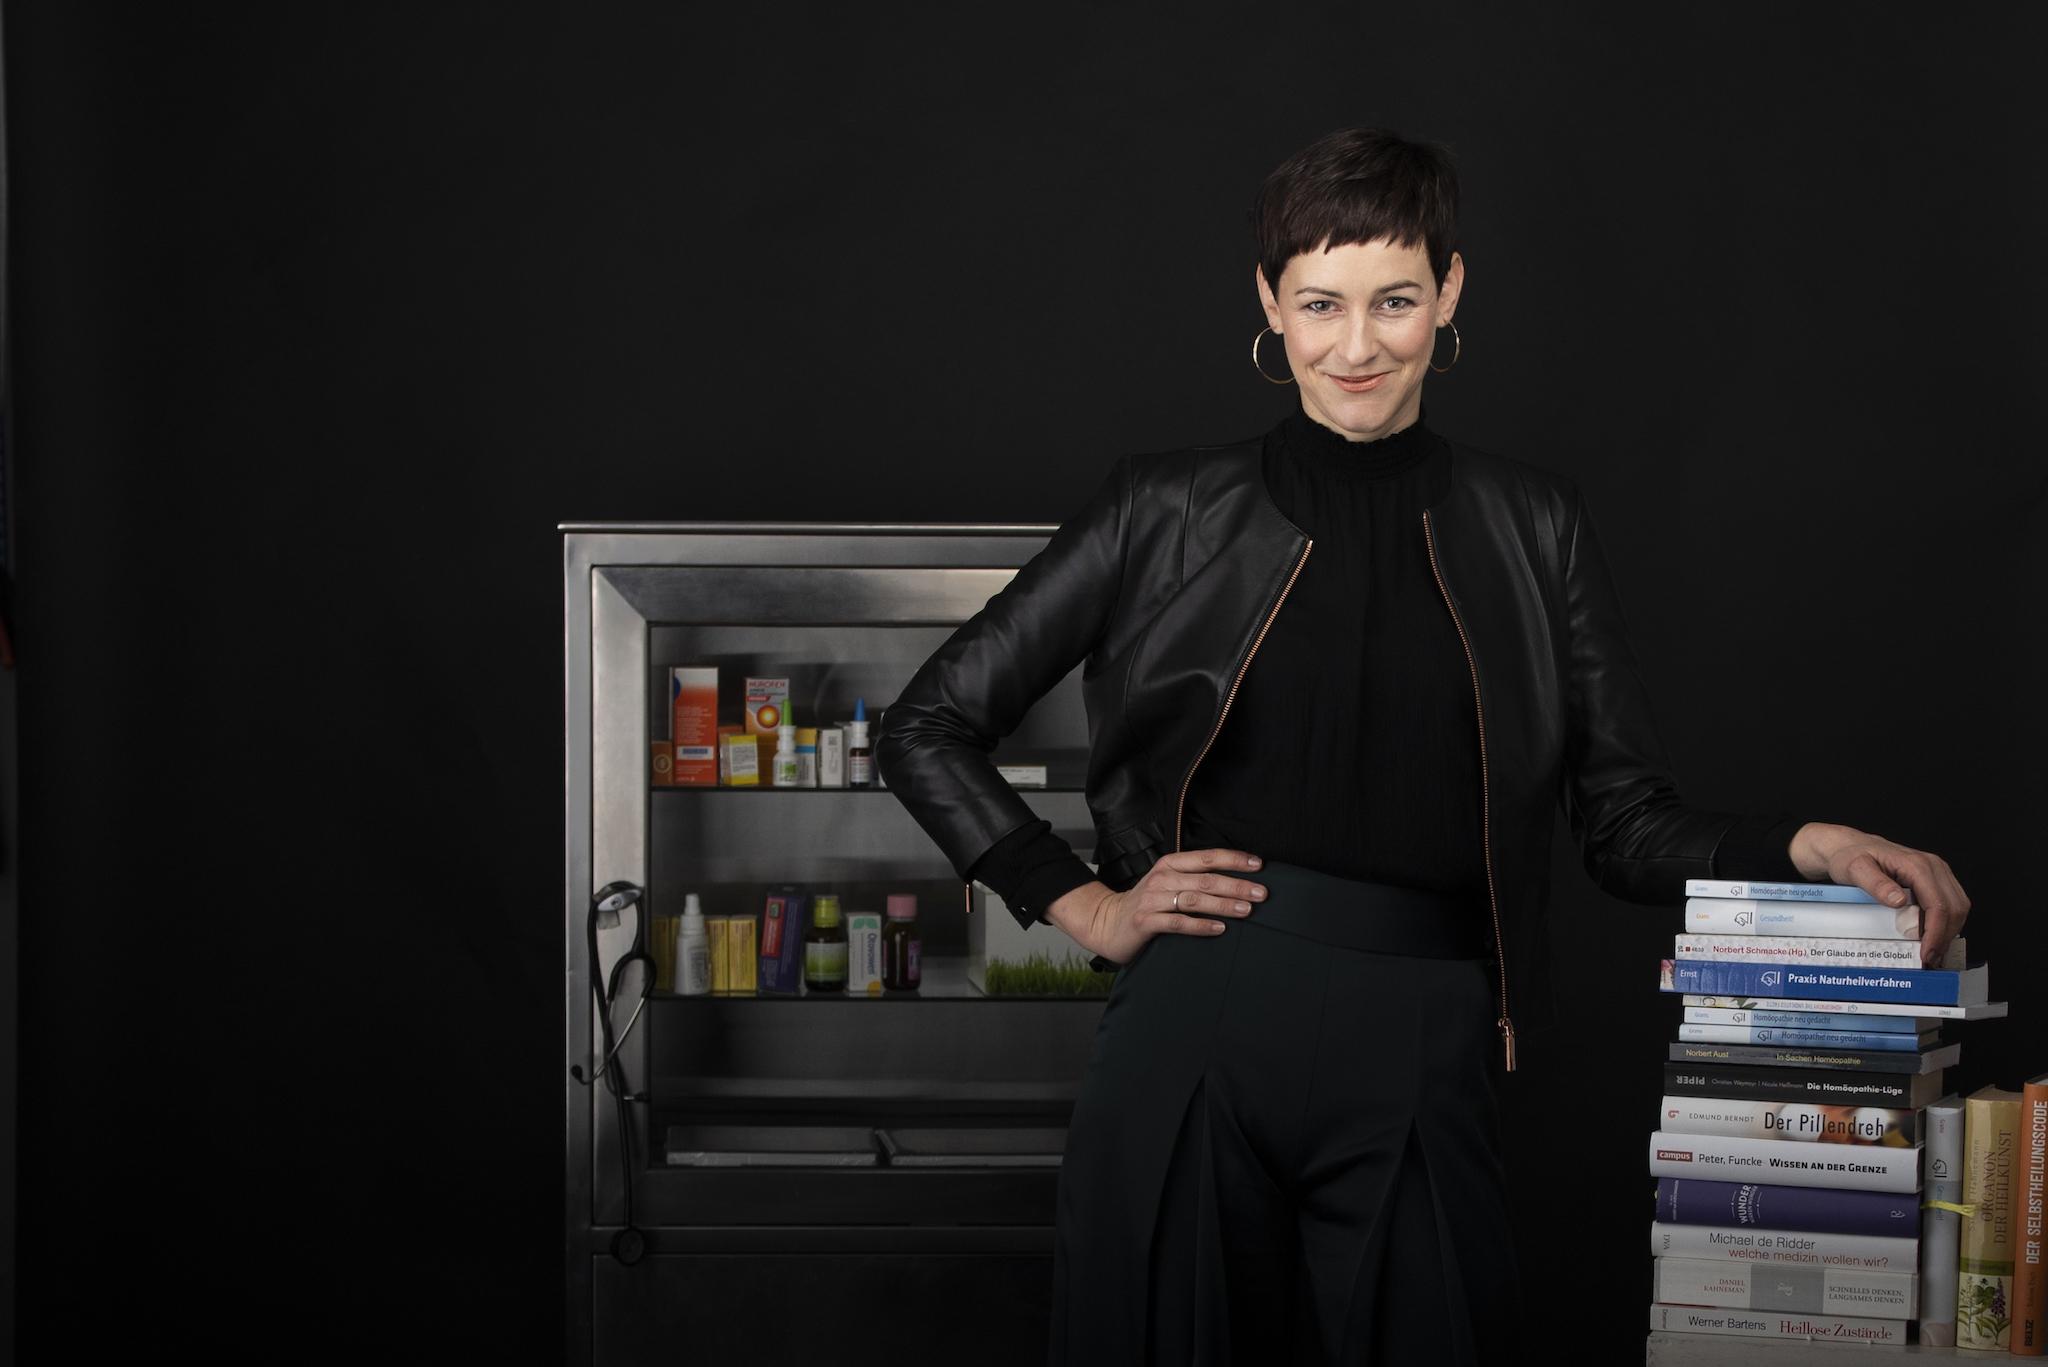 Homöopathiekritikerin Natalie Grams neben Büchern und vor Mediamentenschrank